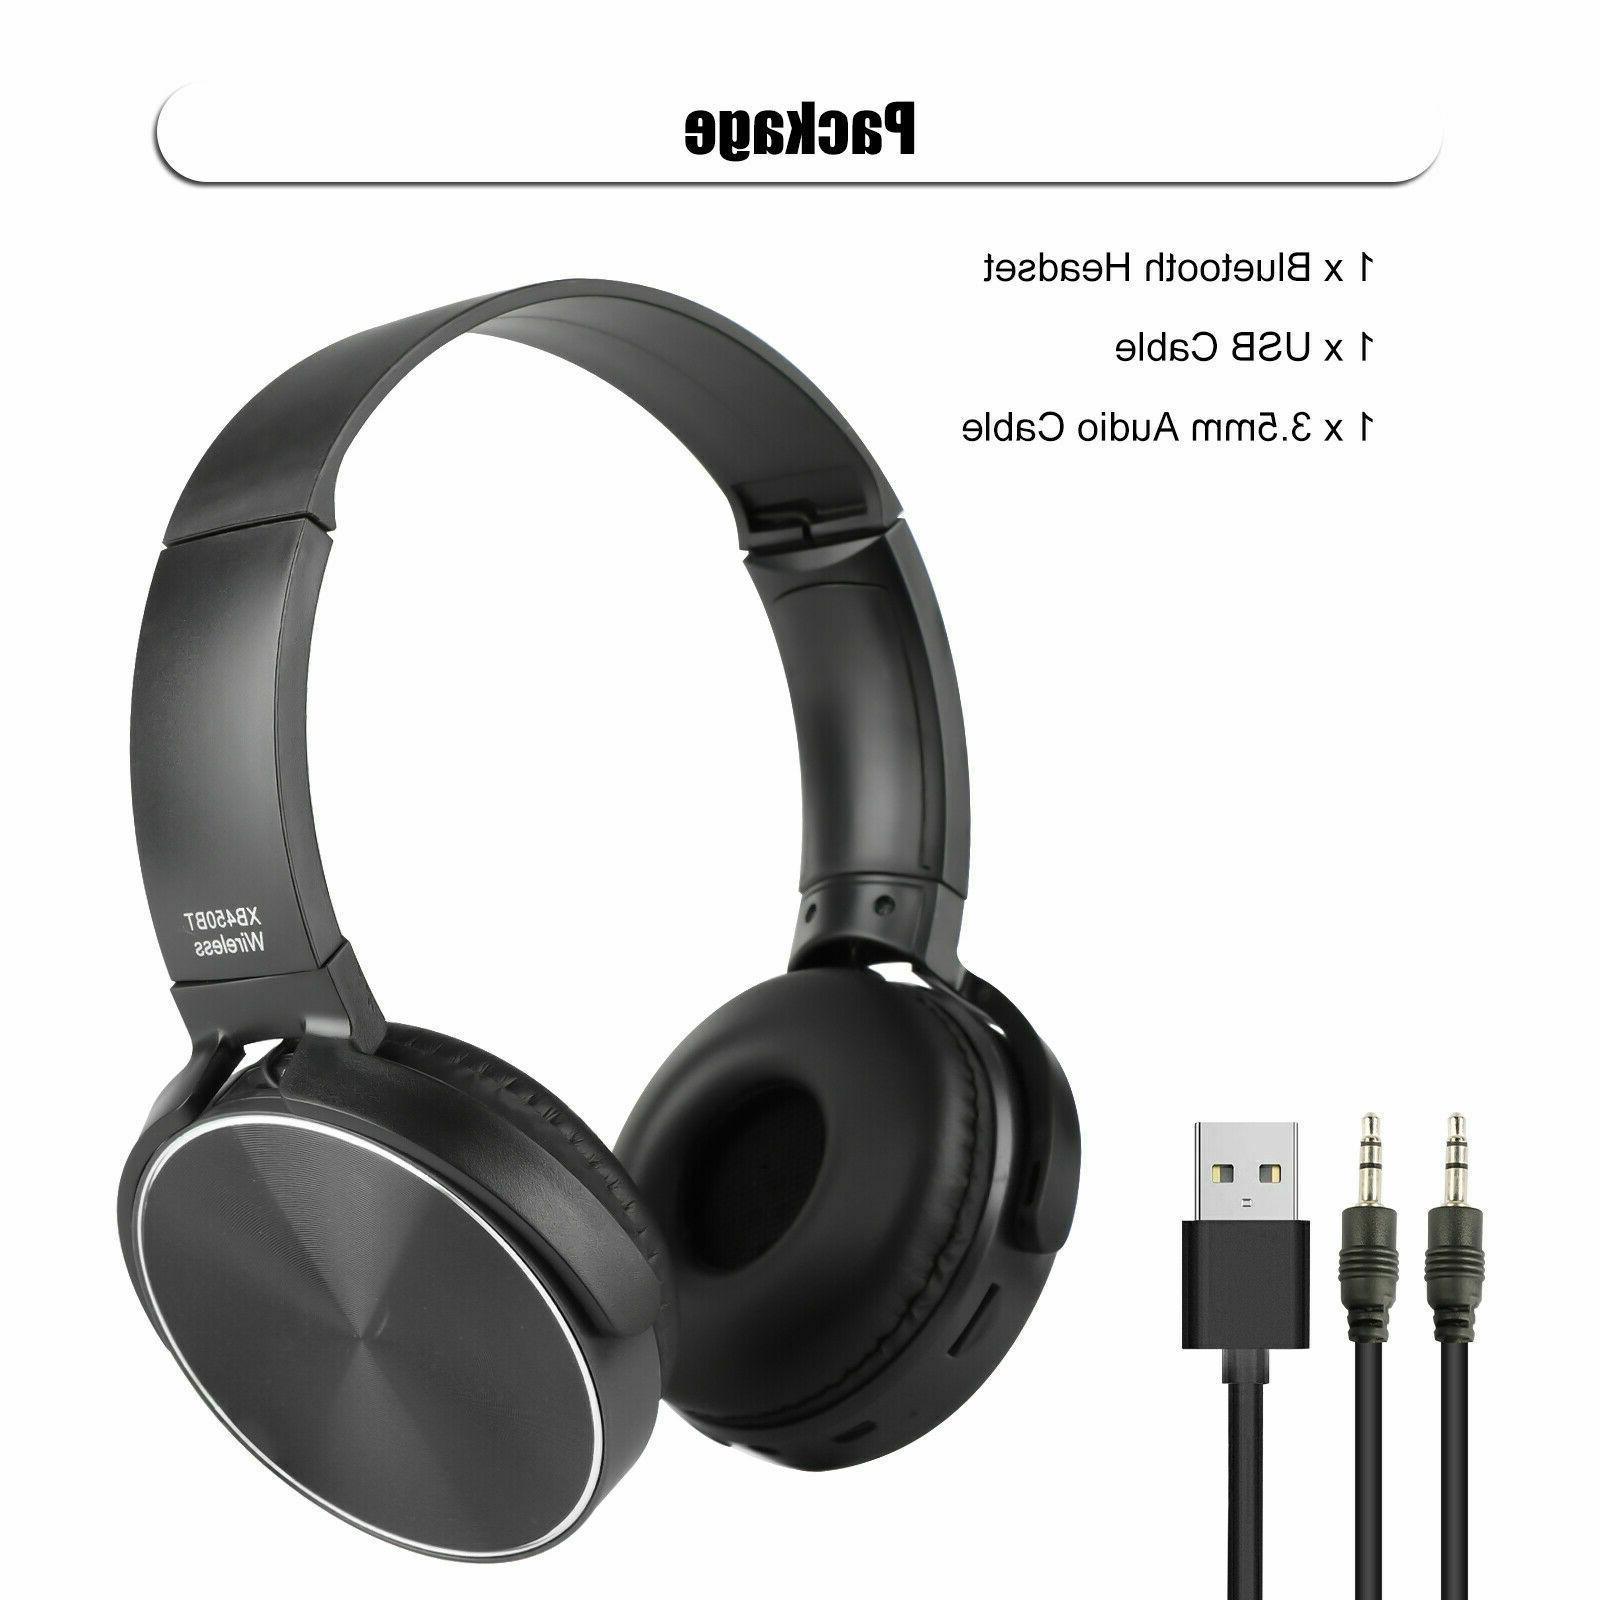 Super Bass Headphones Headsets